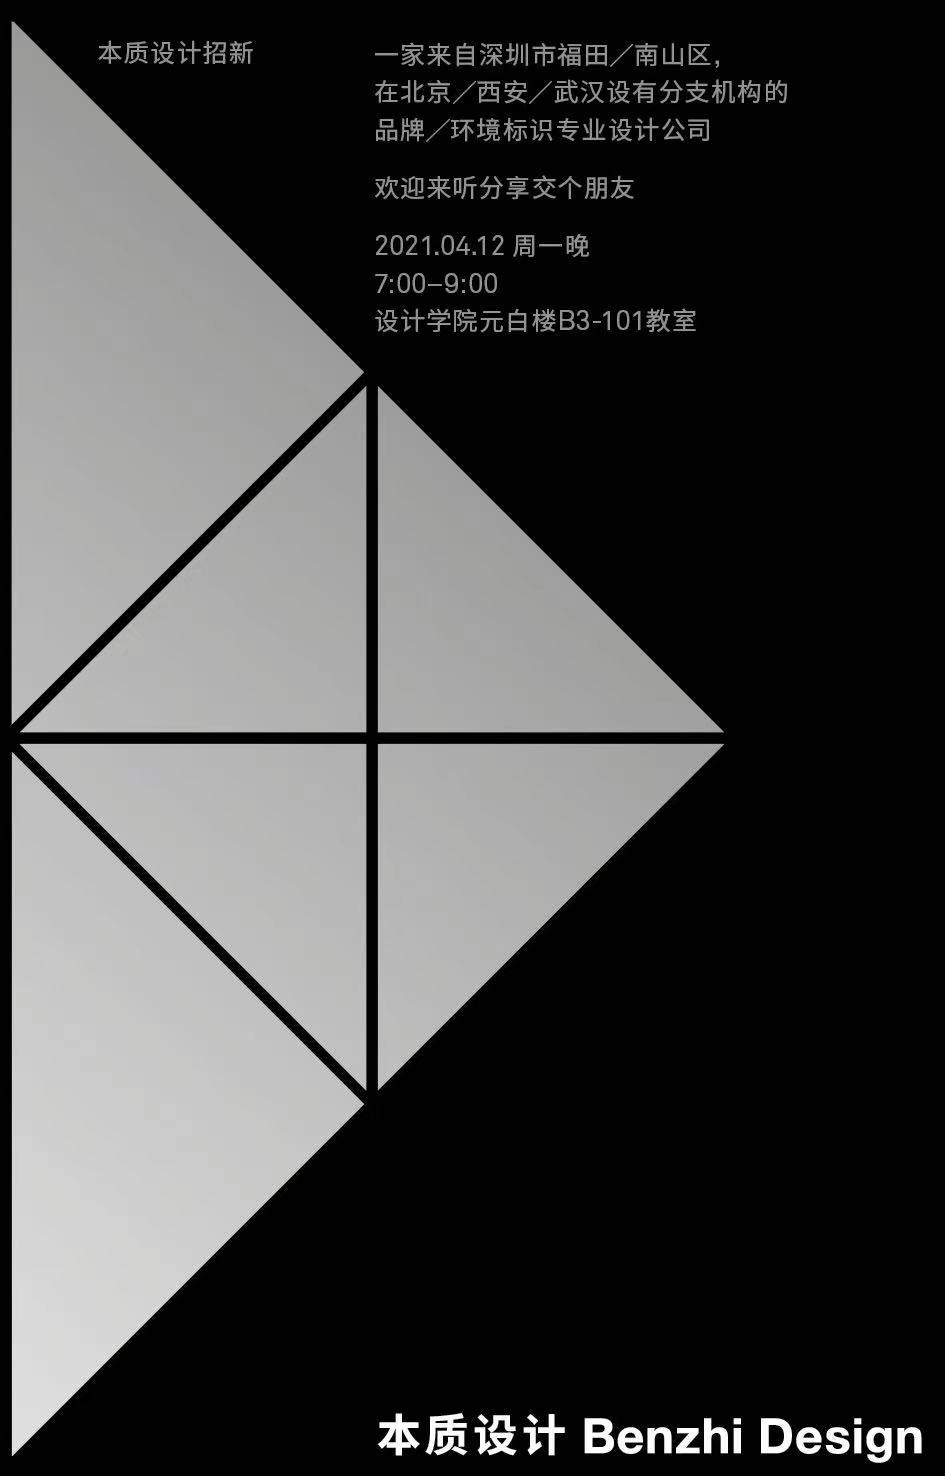 深圳本质设计宣讲招聘会